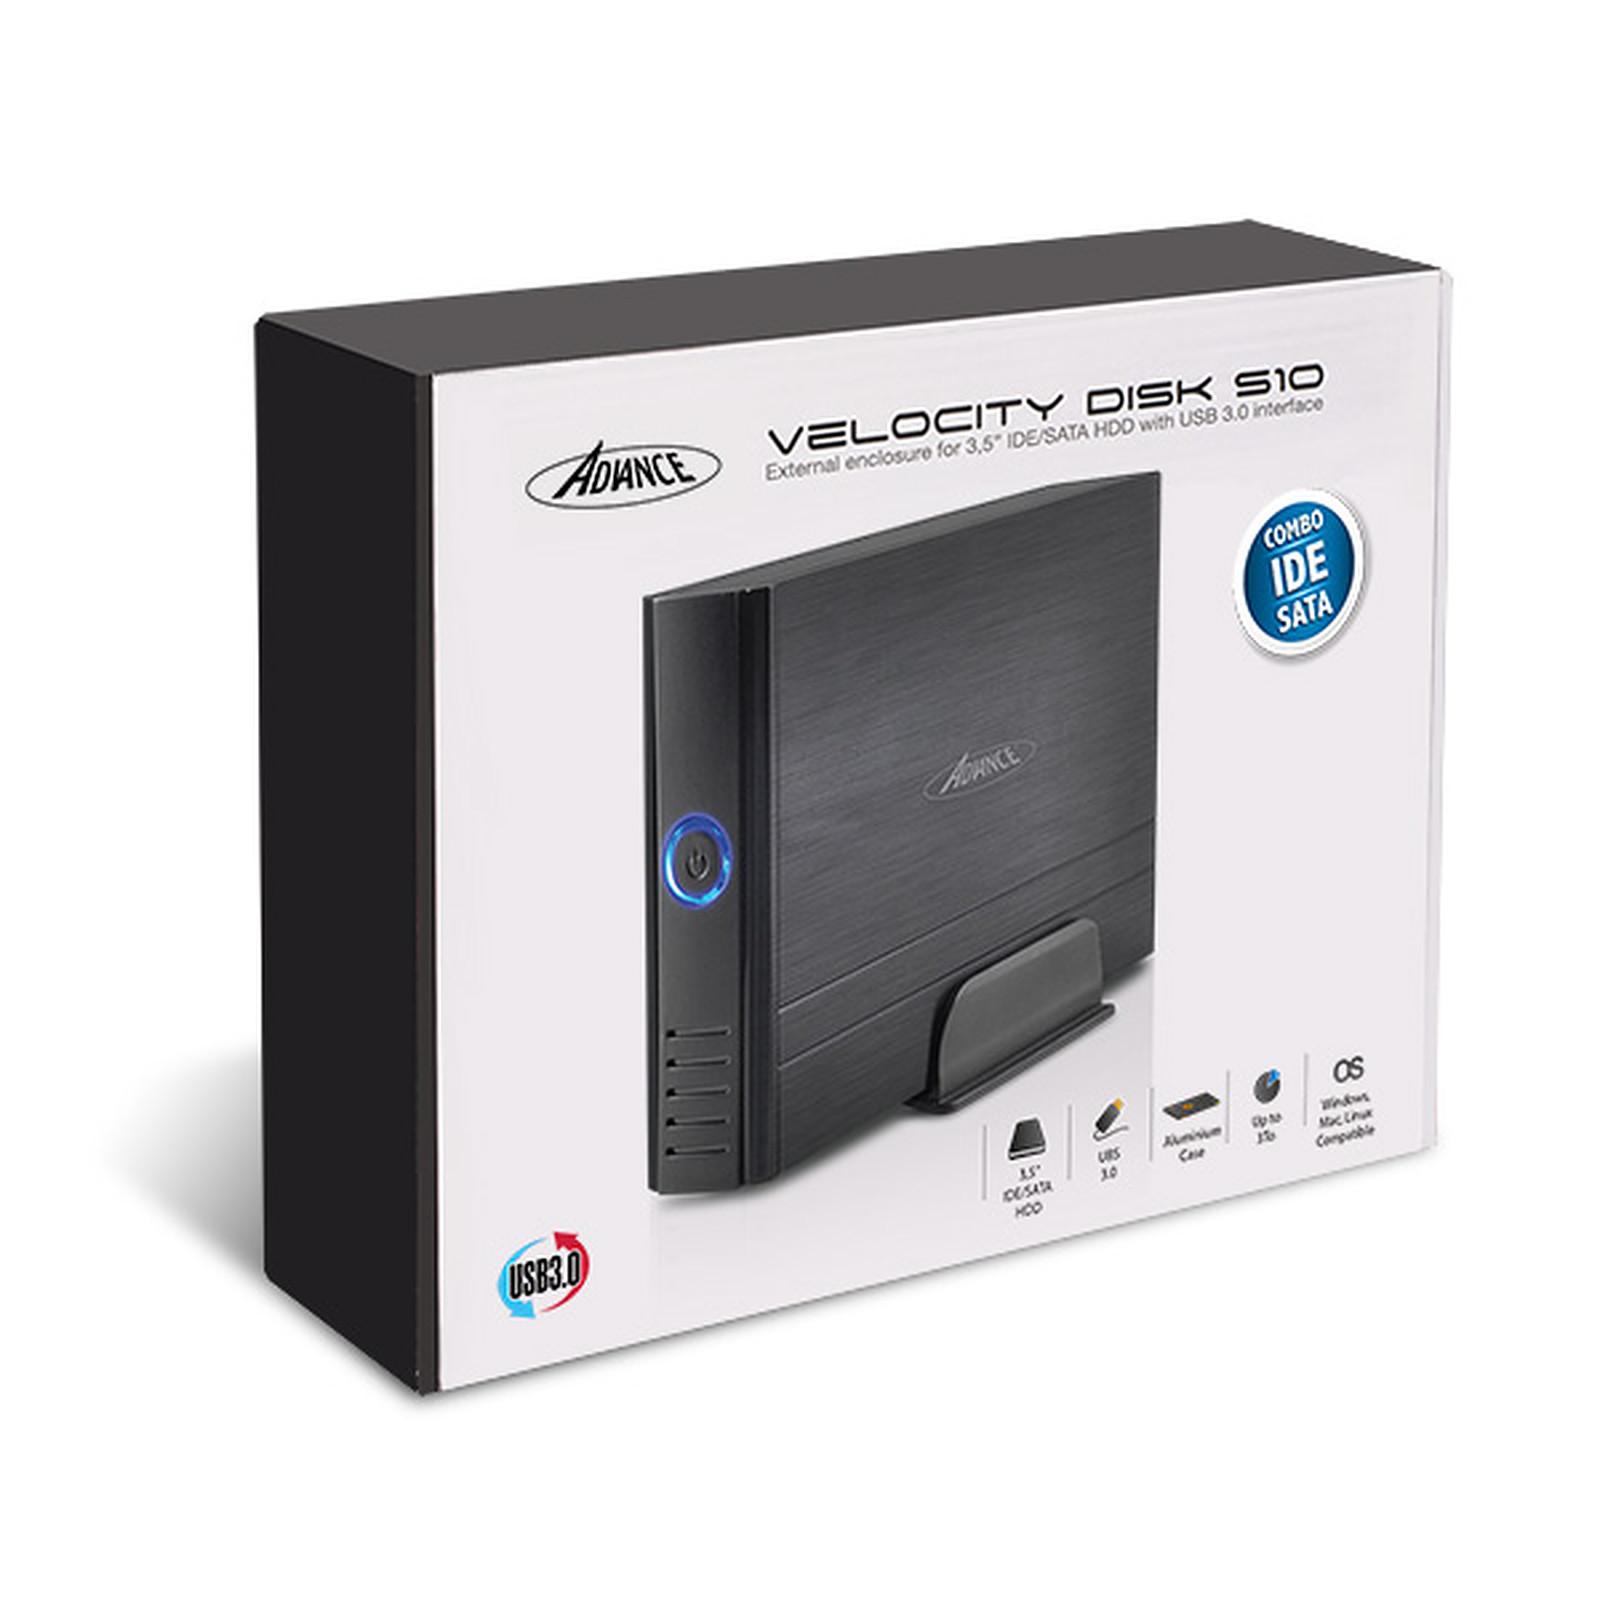 Boitier externe ADVANCE BX-310U3SI pour disque dur 3.5 pouces IDE/SATA vers USB 3.0, informatique ile de la Réunion 974